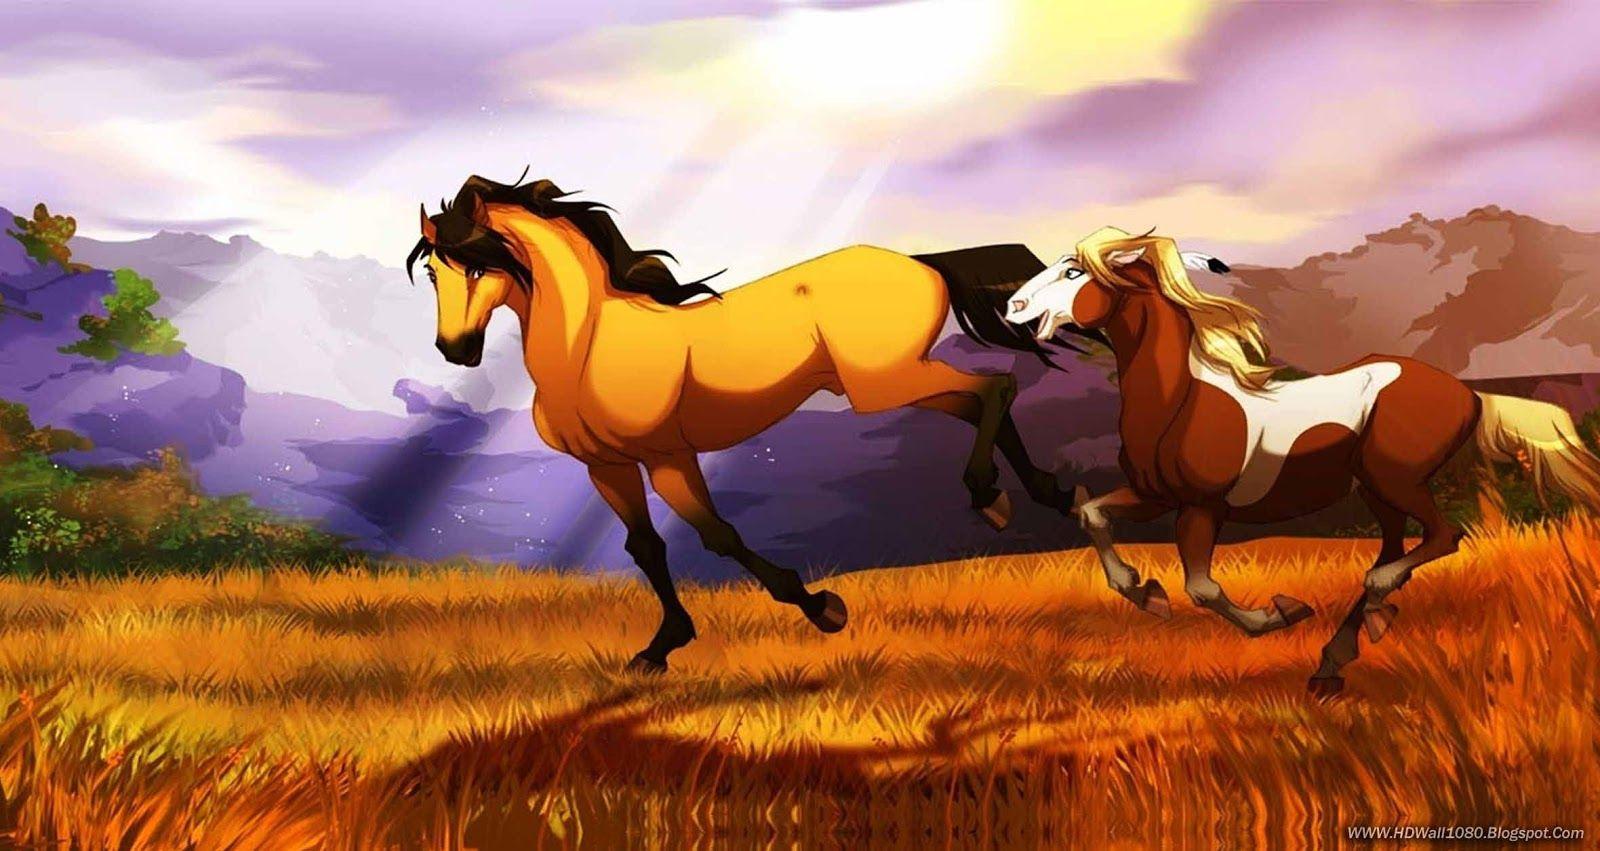 Spirit Disney Movie Spirit Horse Movie Spirit The Horse